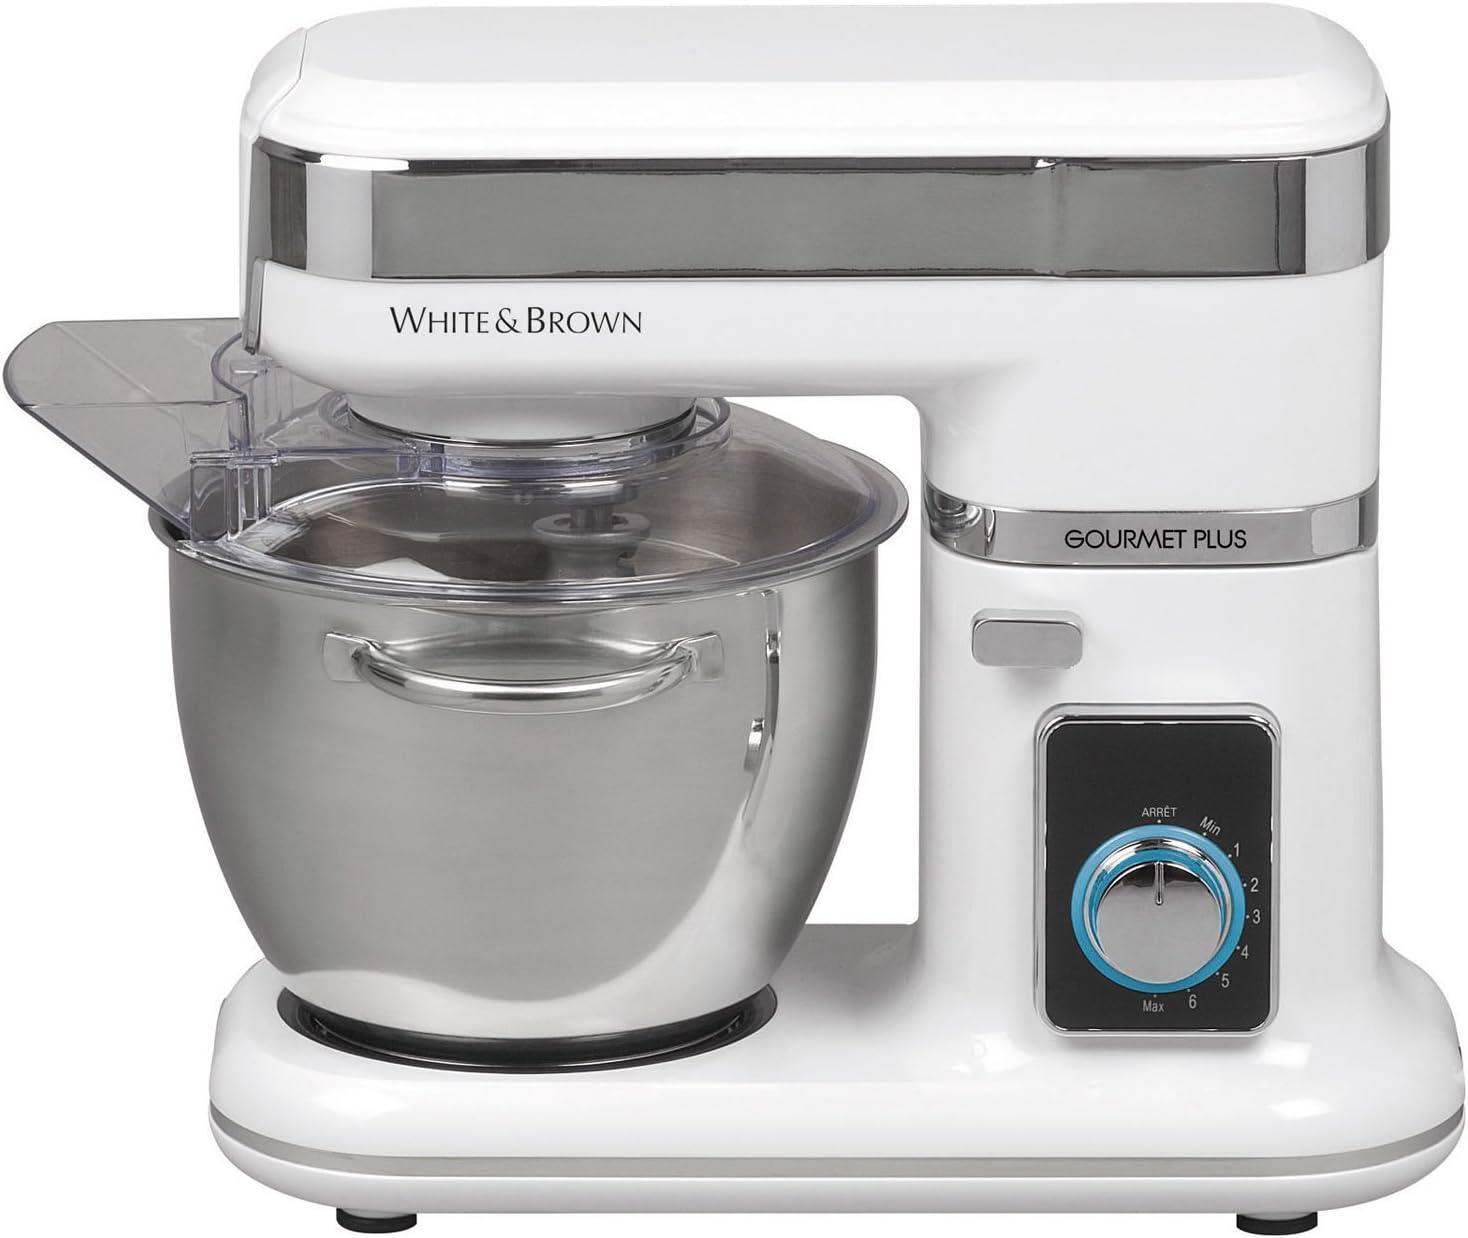 White And Brown R 2211 Gourmet Plus - Robot de cocina multifunción: Amazon.es: Hogar